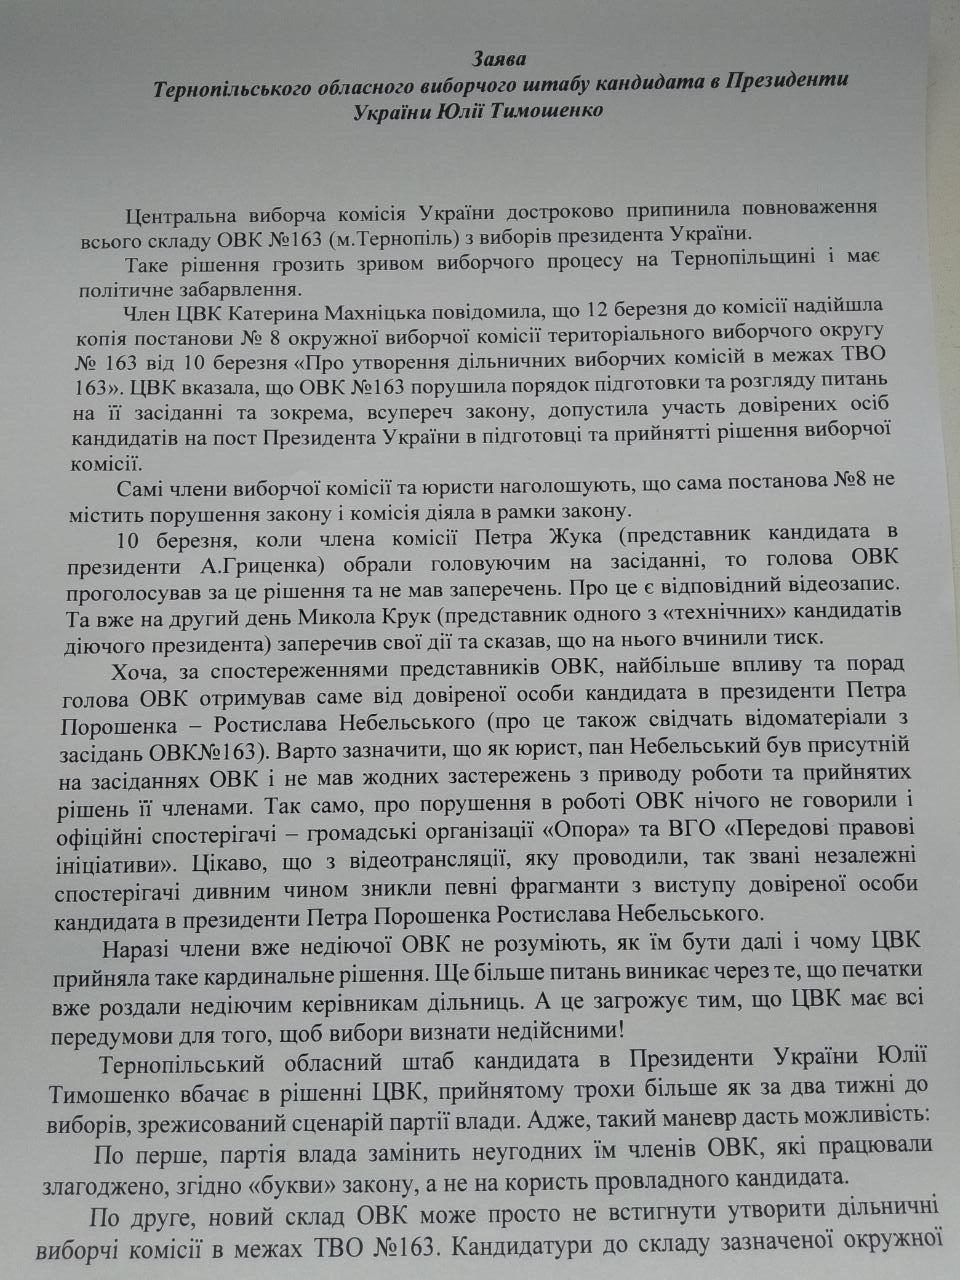 Розпуск тернопільської ОВК загрожує зривом виборчого процесу в області - офіційна заява, фото-1